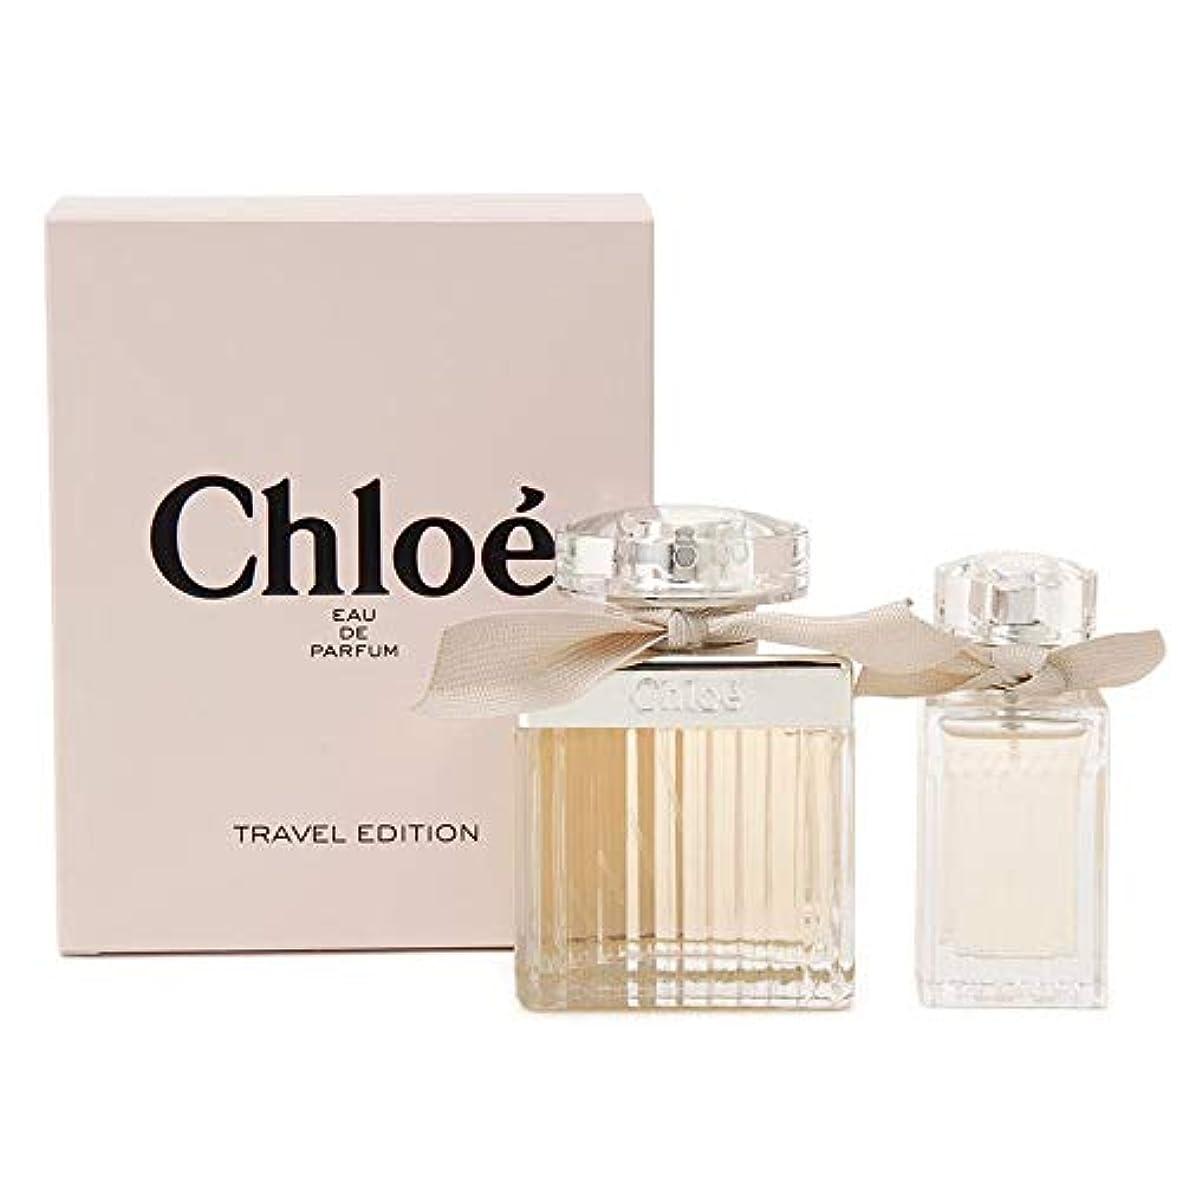 排気一月終わったクロエ chloe オードパルファム 香水セット 20ml 75ml 2P 香水 レディース 女性用 フレグランス [並行輸入品]